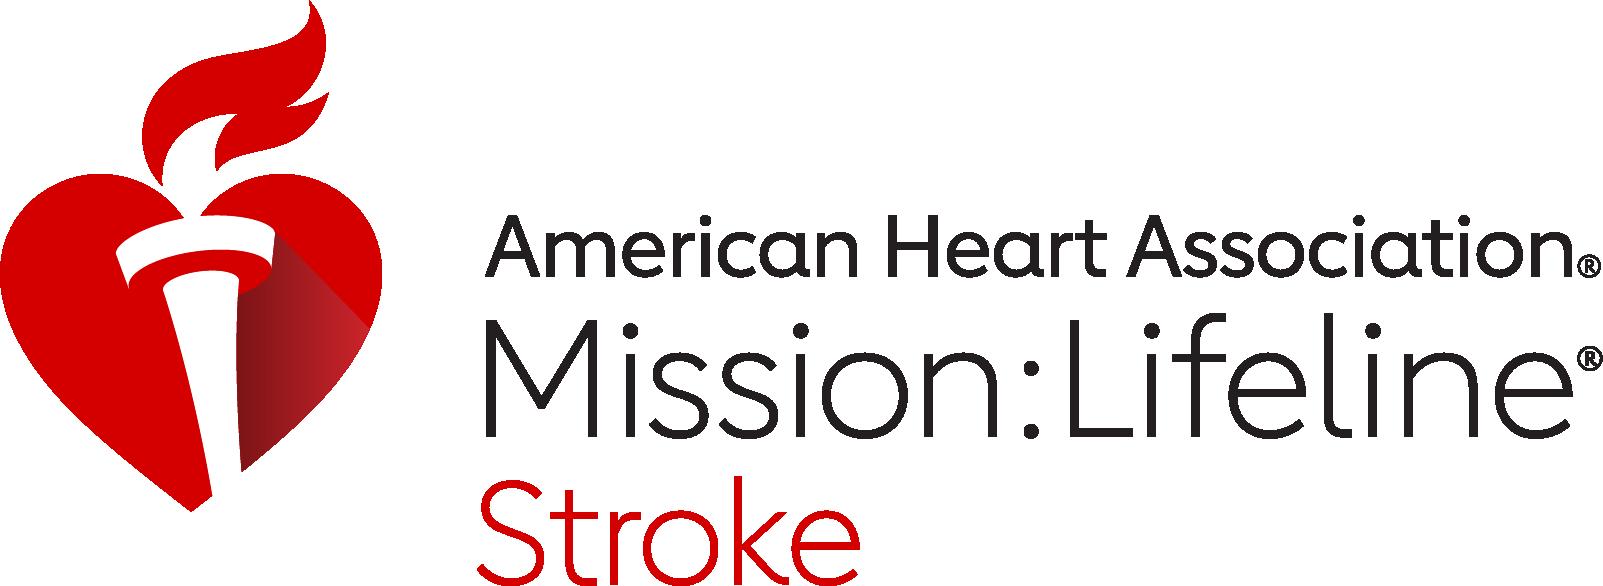 American Heart Association Mission: Lifeline Stroke